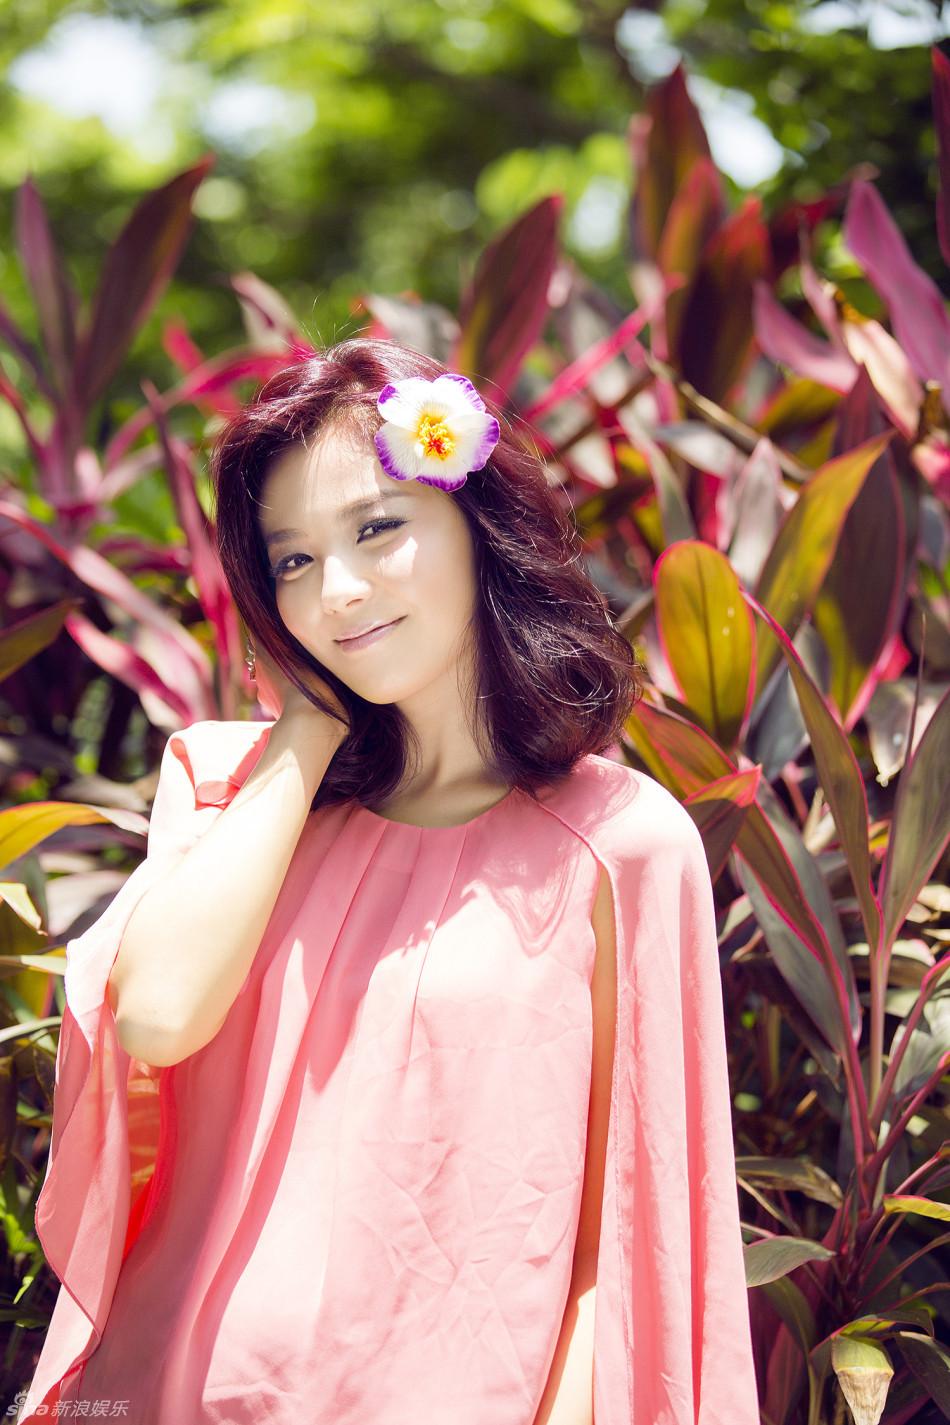 http://www.sinaimg.cn/dy/slidenews/4_img/2013_25/704_1005856_226766.jpg